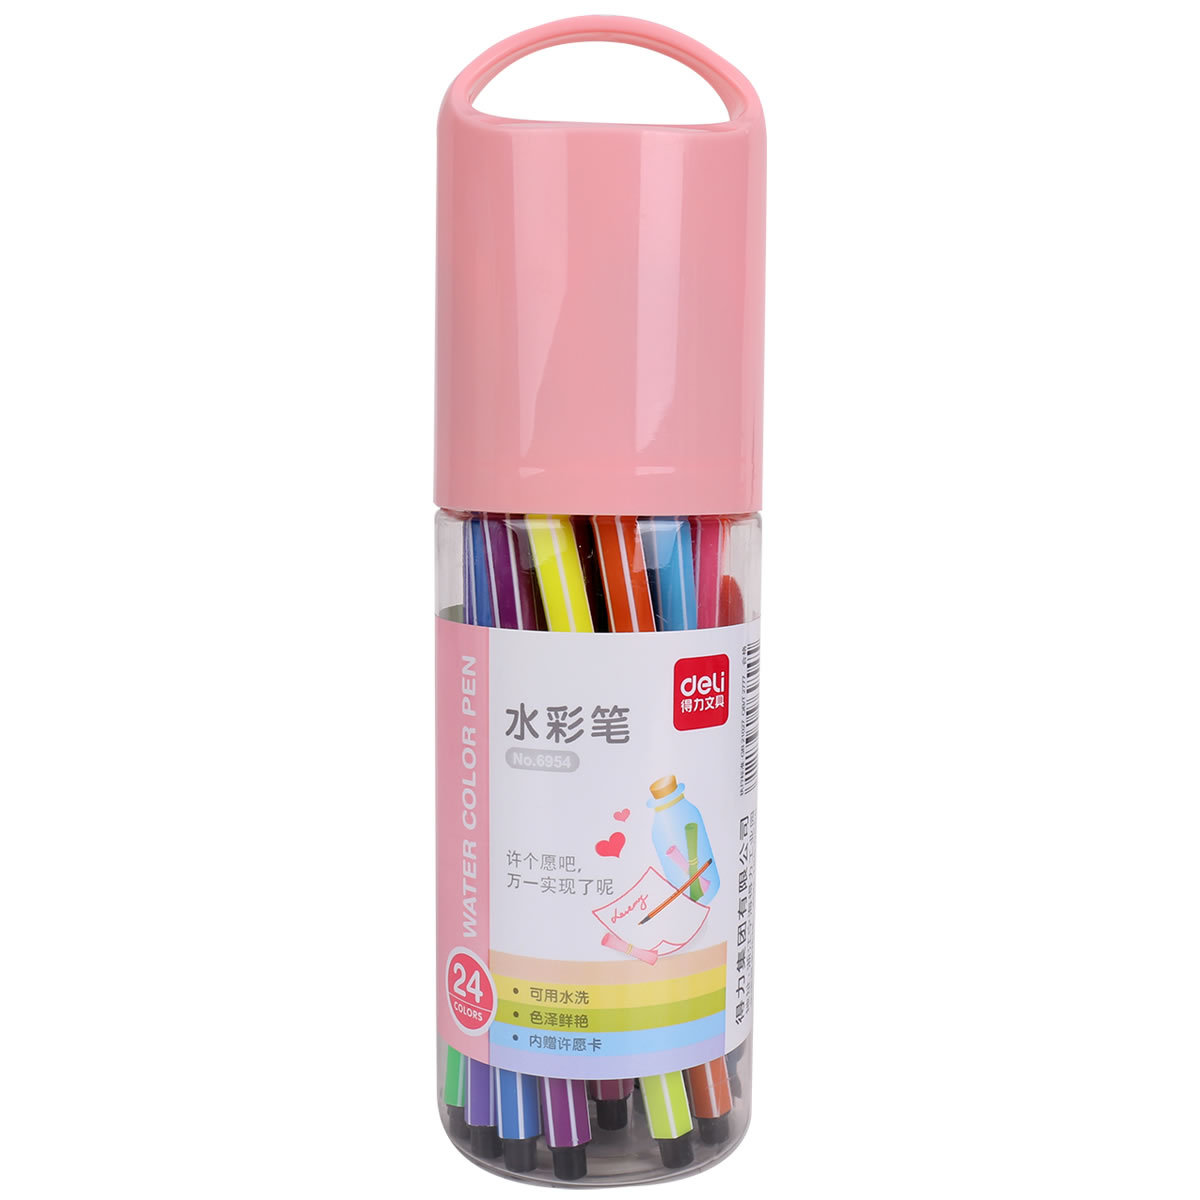 DELI Đồ mỹ nghệ Bút màu nước hiệu quả 6954 Chúc chai 24 màu vẽ tranh nghệ thuật màu bút trôi chai mà